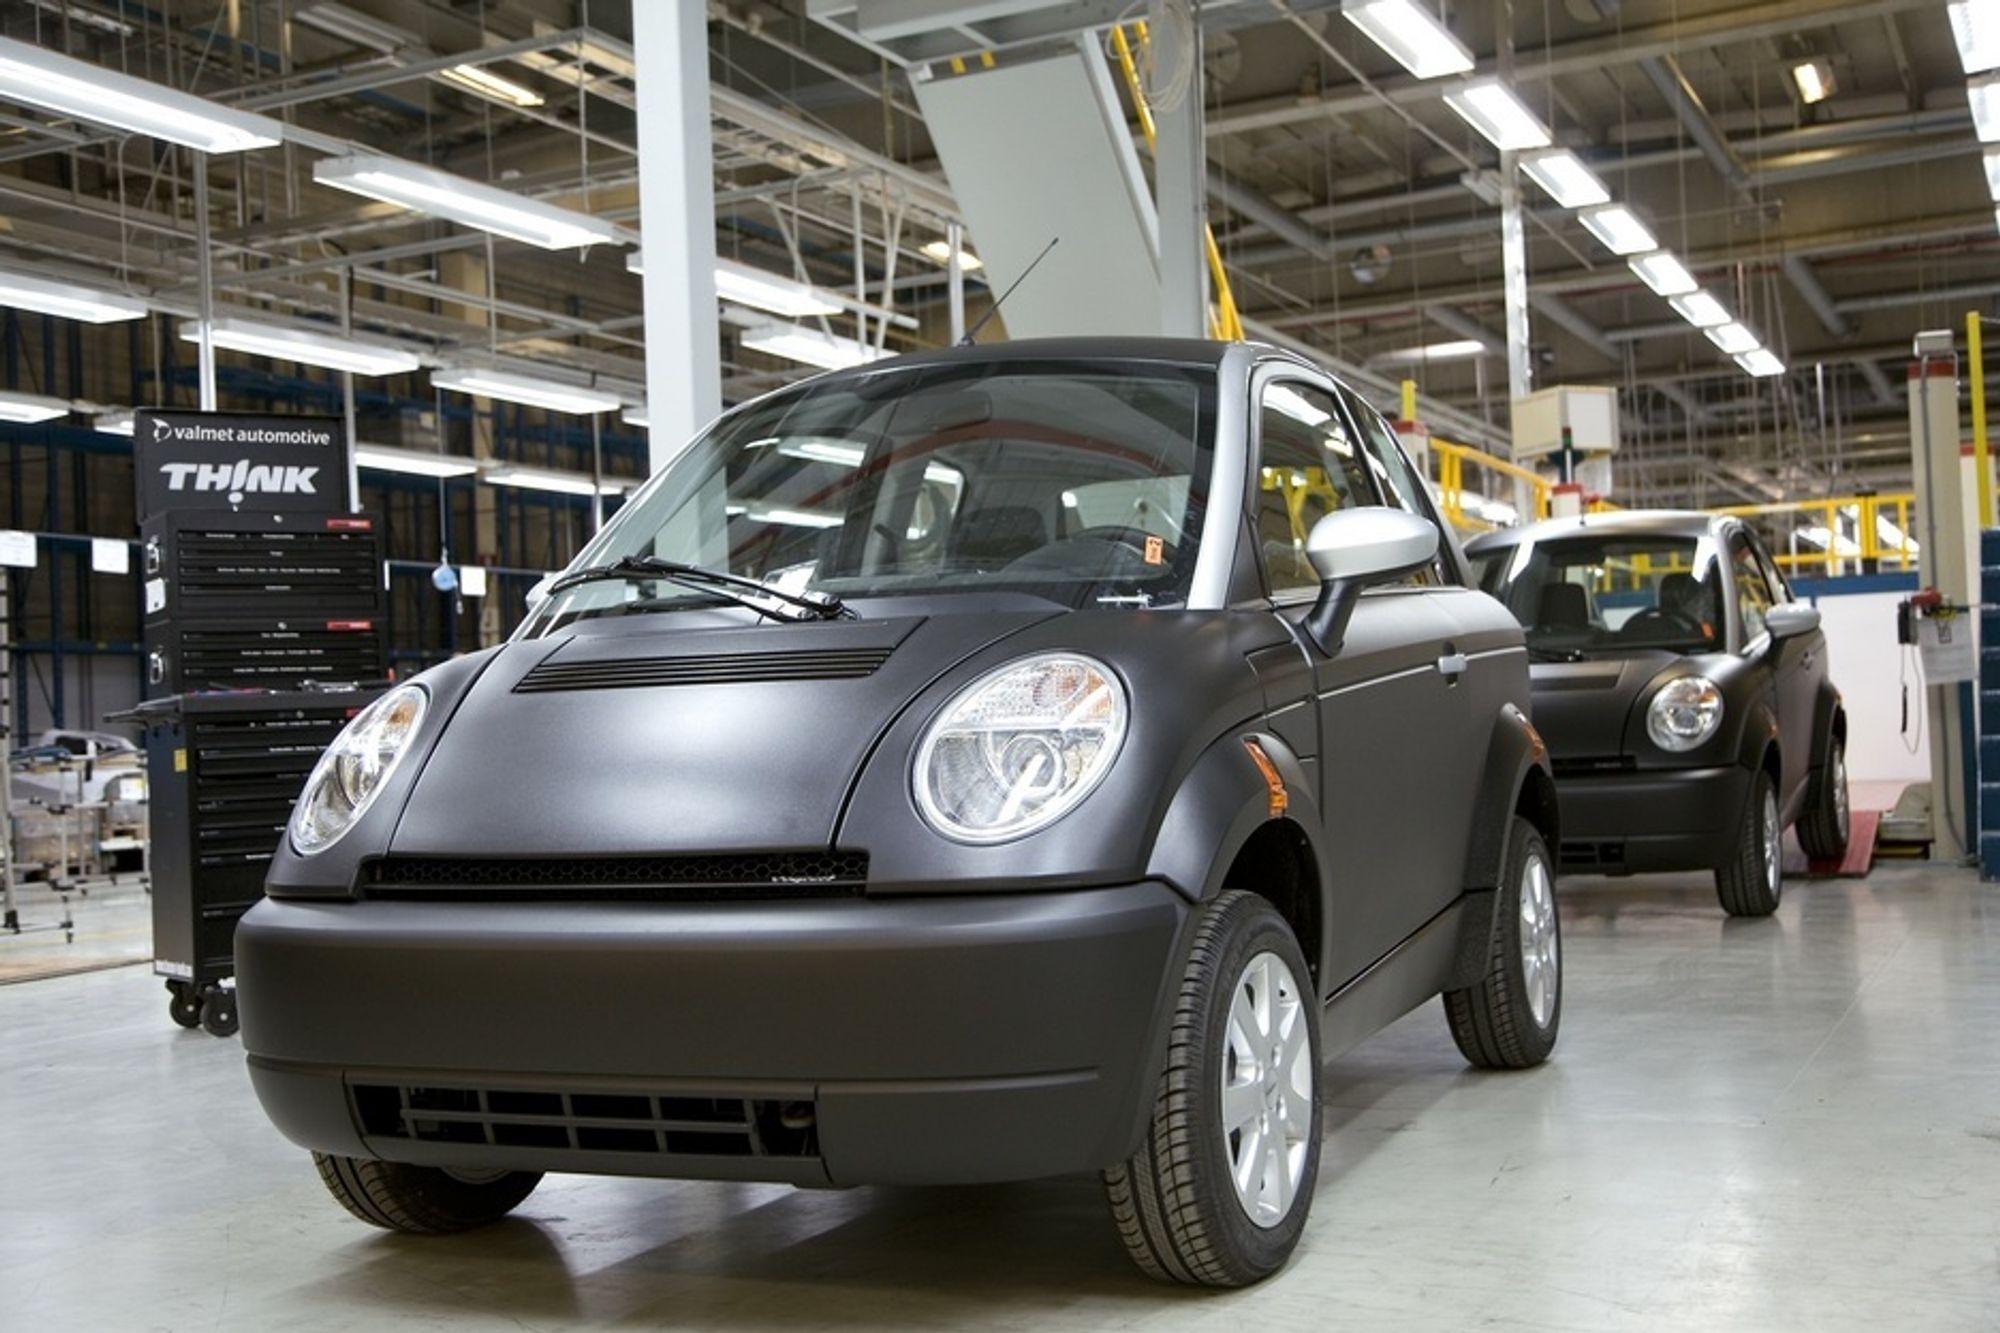 De første Think City-elbilene har nå begynt å rulle ut av fabrikken i Finland. Om et års tid kan samme elbil bli produsert også i USA. Der blir den kun tilgjengelig med litiumionebatterier fra EnerDel.